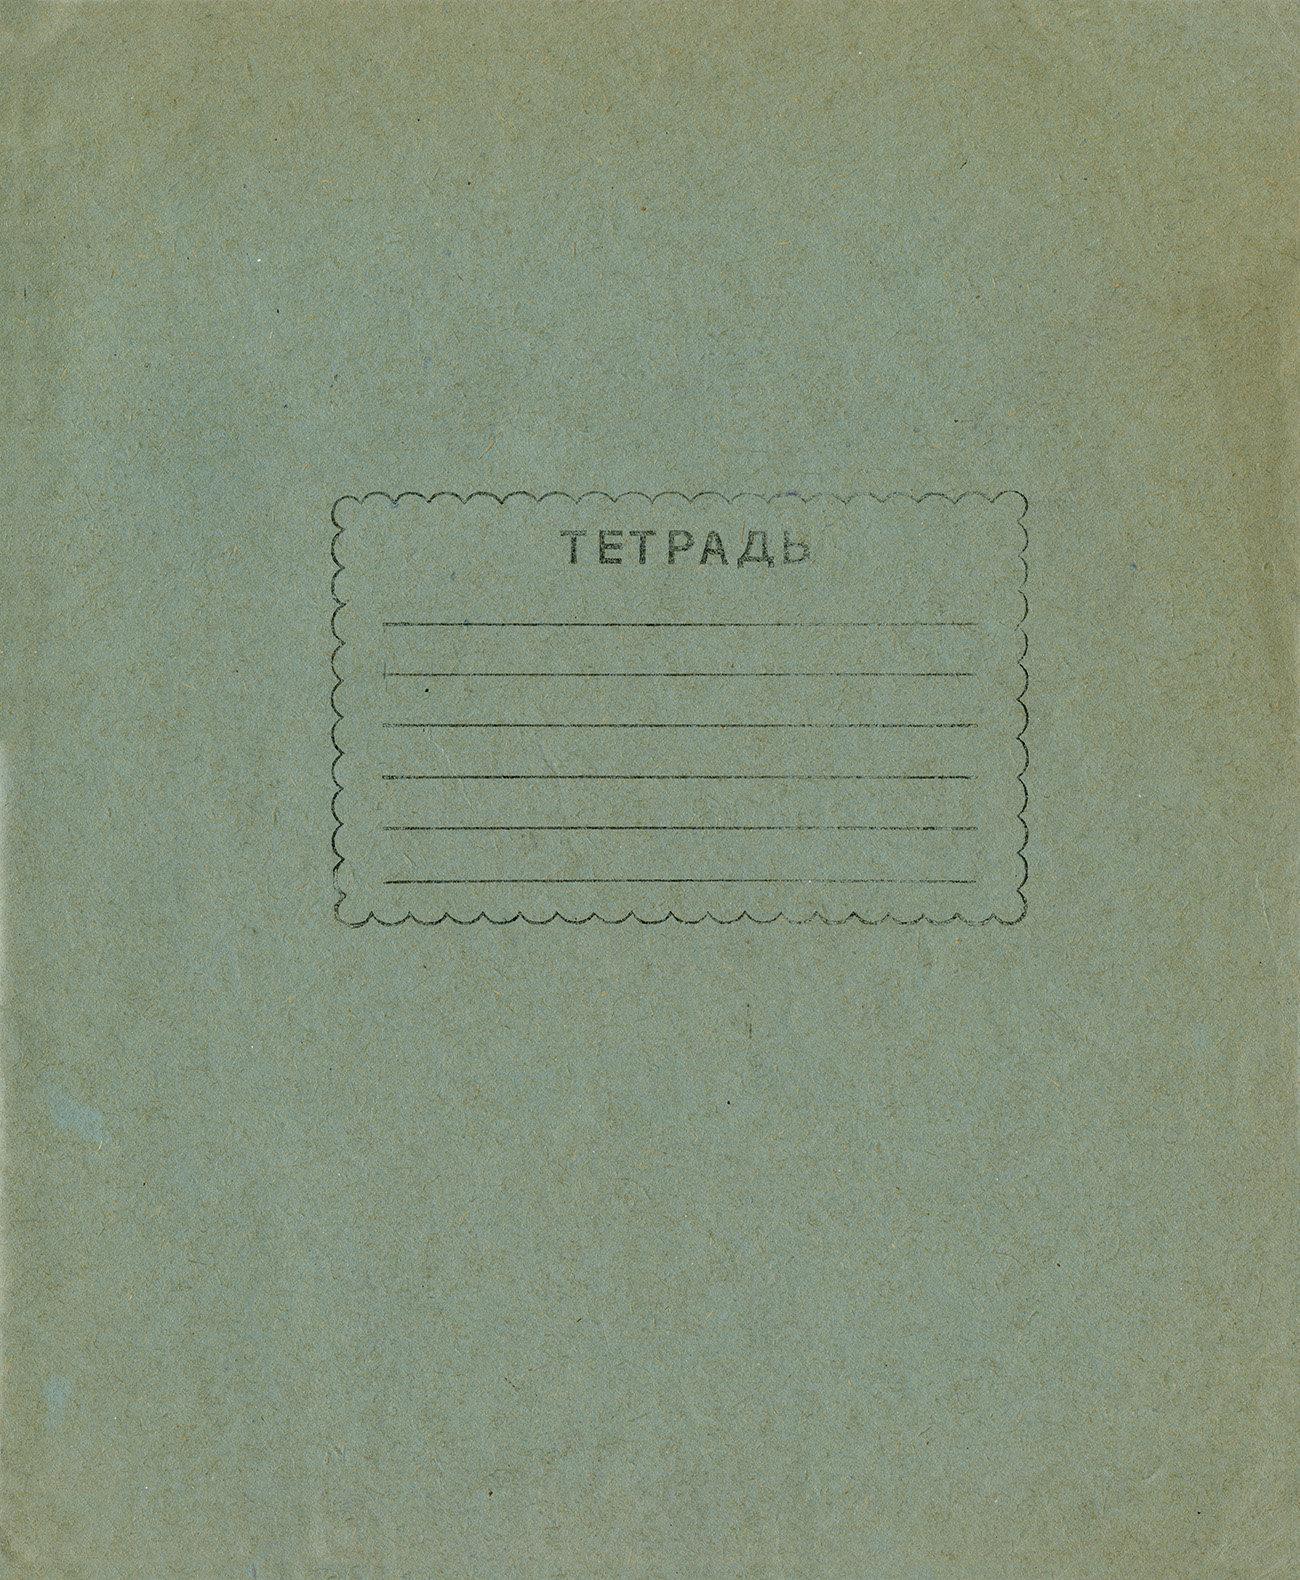 Тетрадь 1964 г.